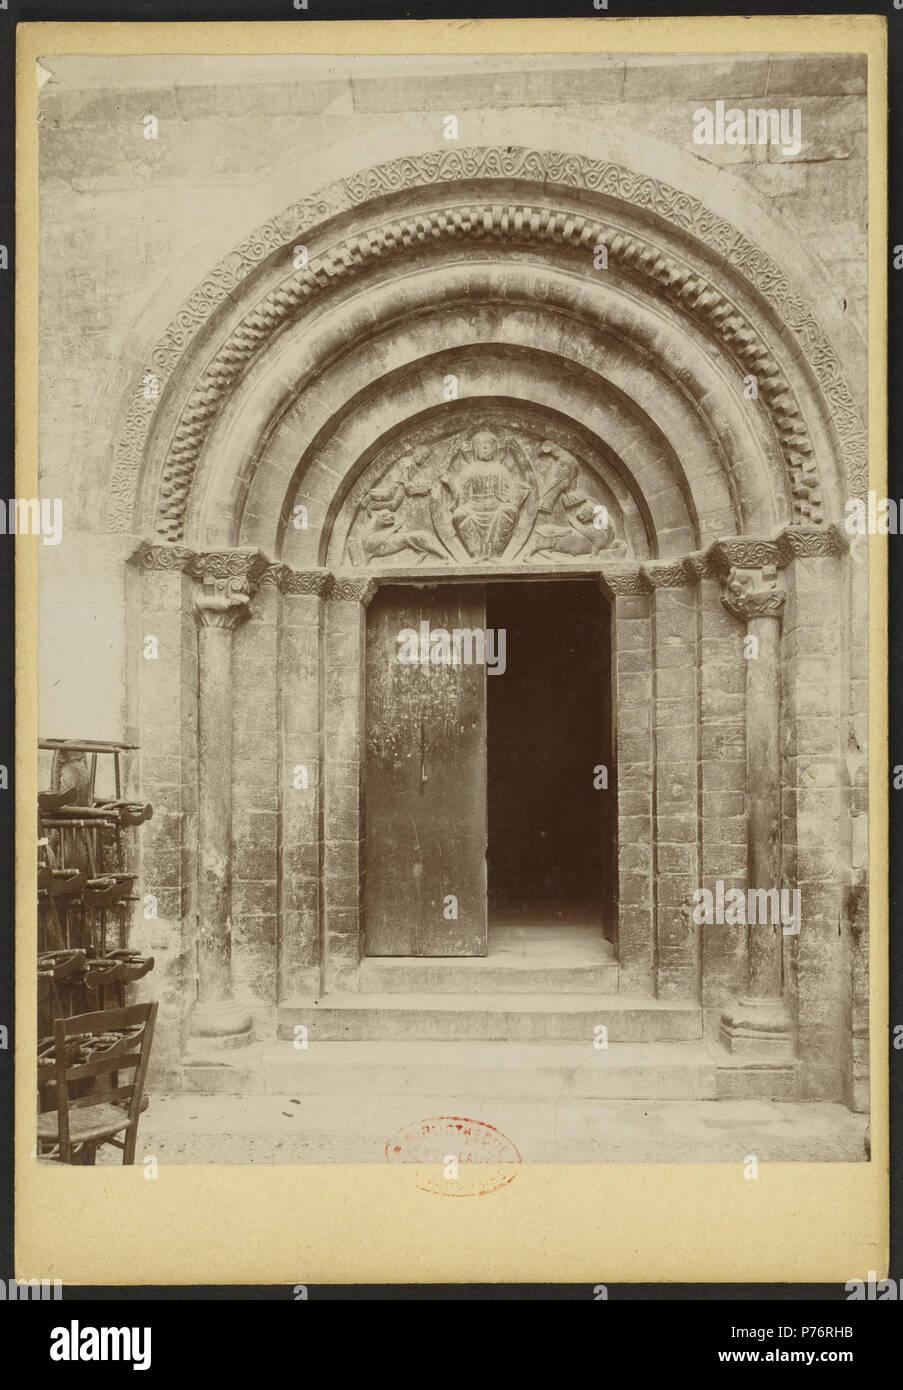 232 Église des Templiers de Luz-Saint-Sauveur - J-A Brutails - Université Bordeaux Montaigne - 1454 - Stock Image